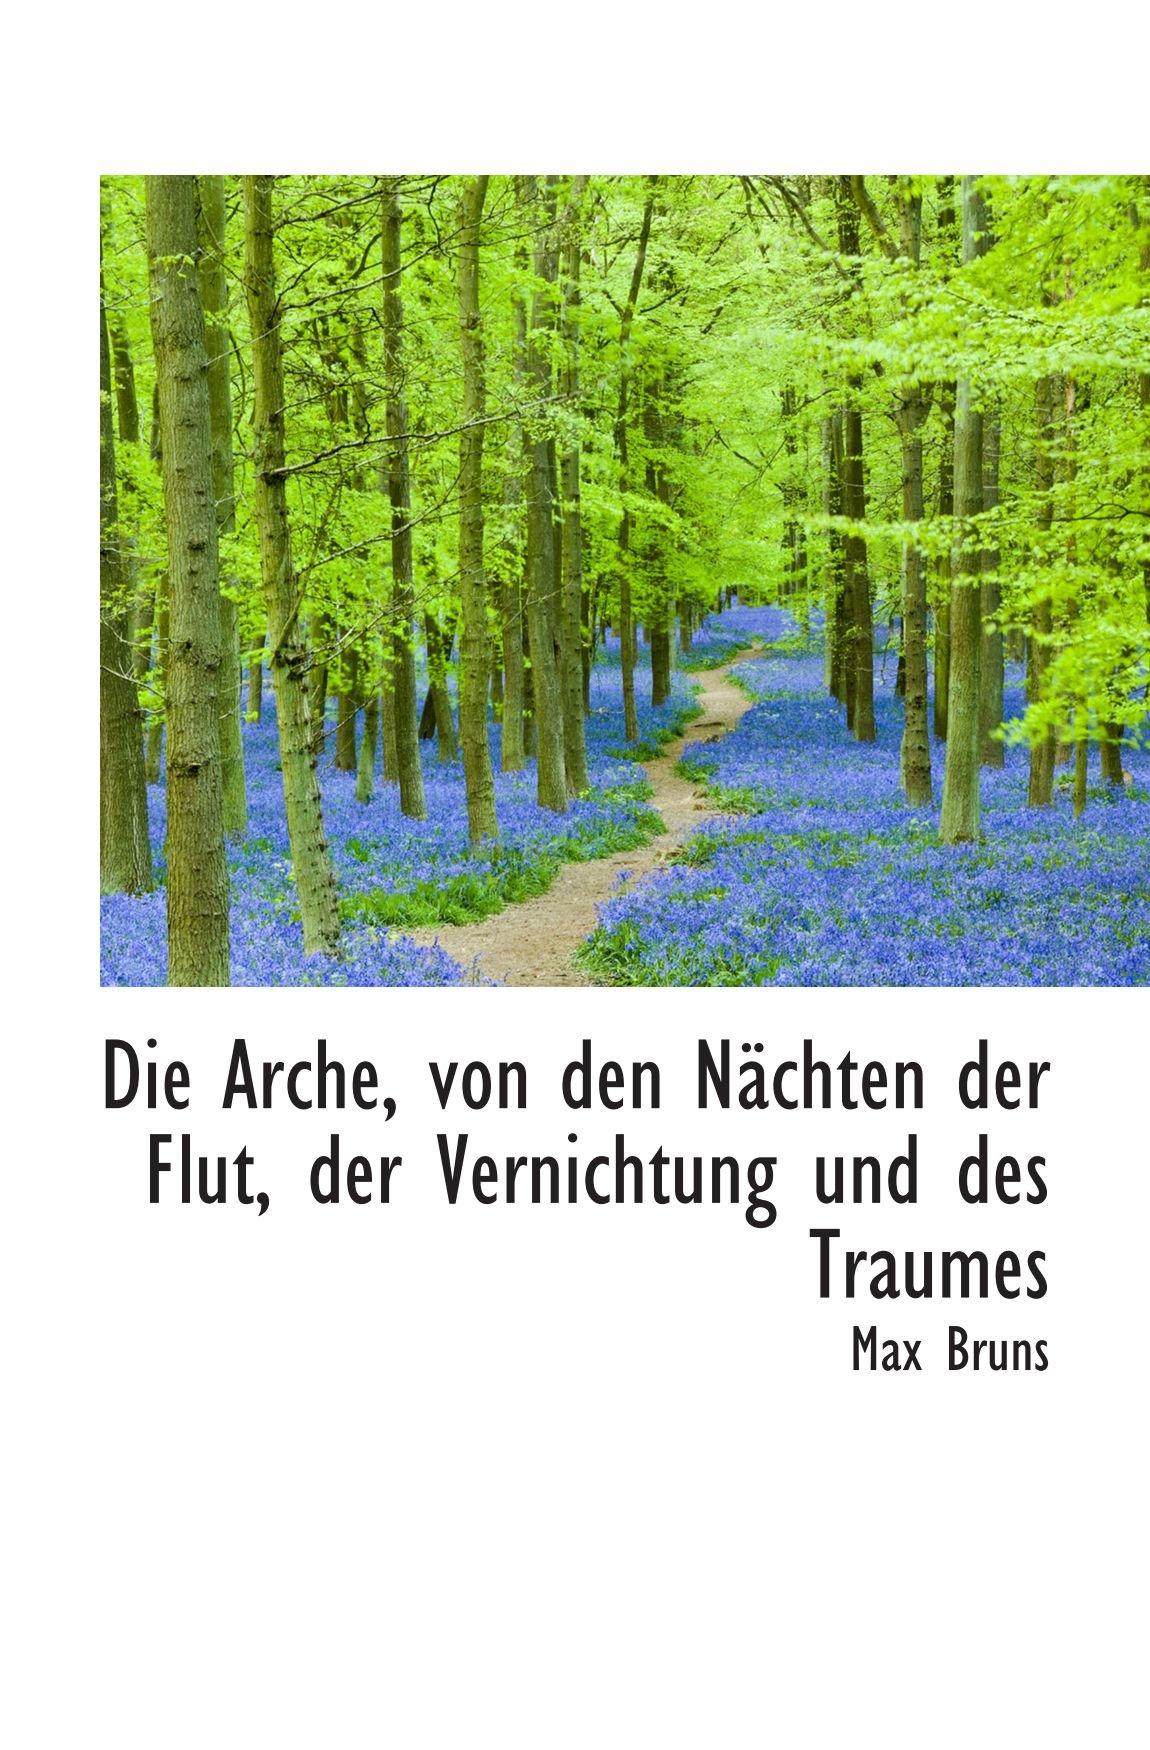 Download Die Arche, von den Nächten der Flut, der Vernichtung und des Traumes (German Edition) ebook